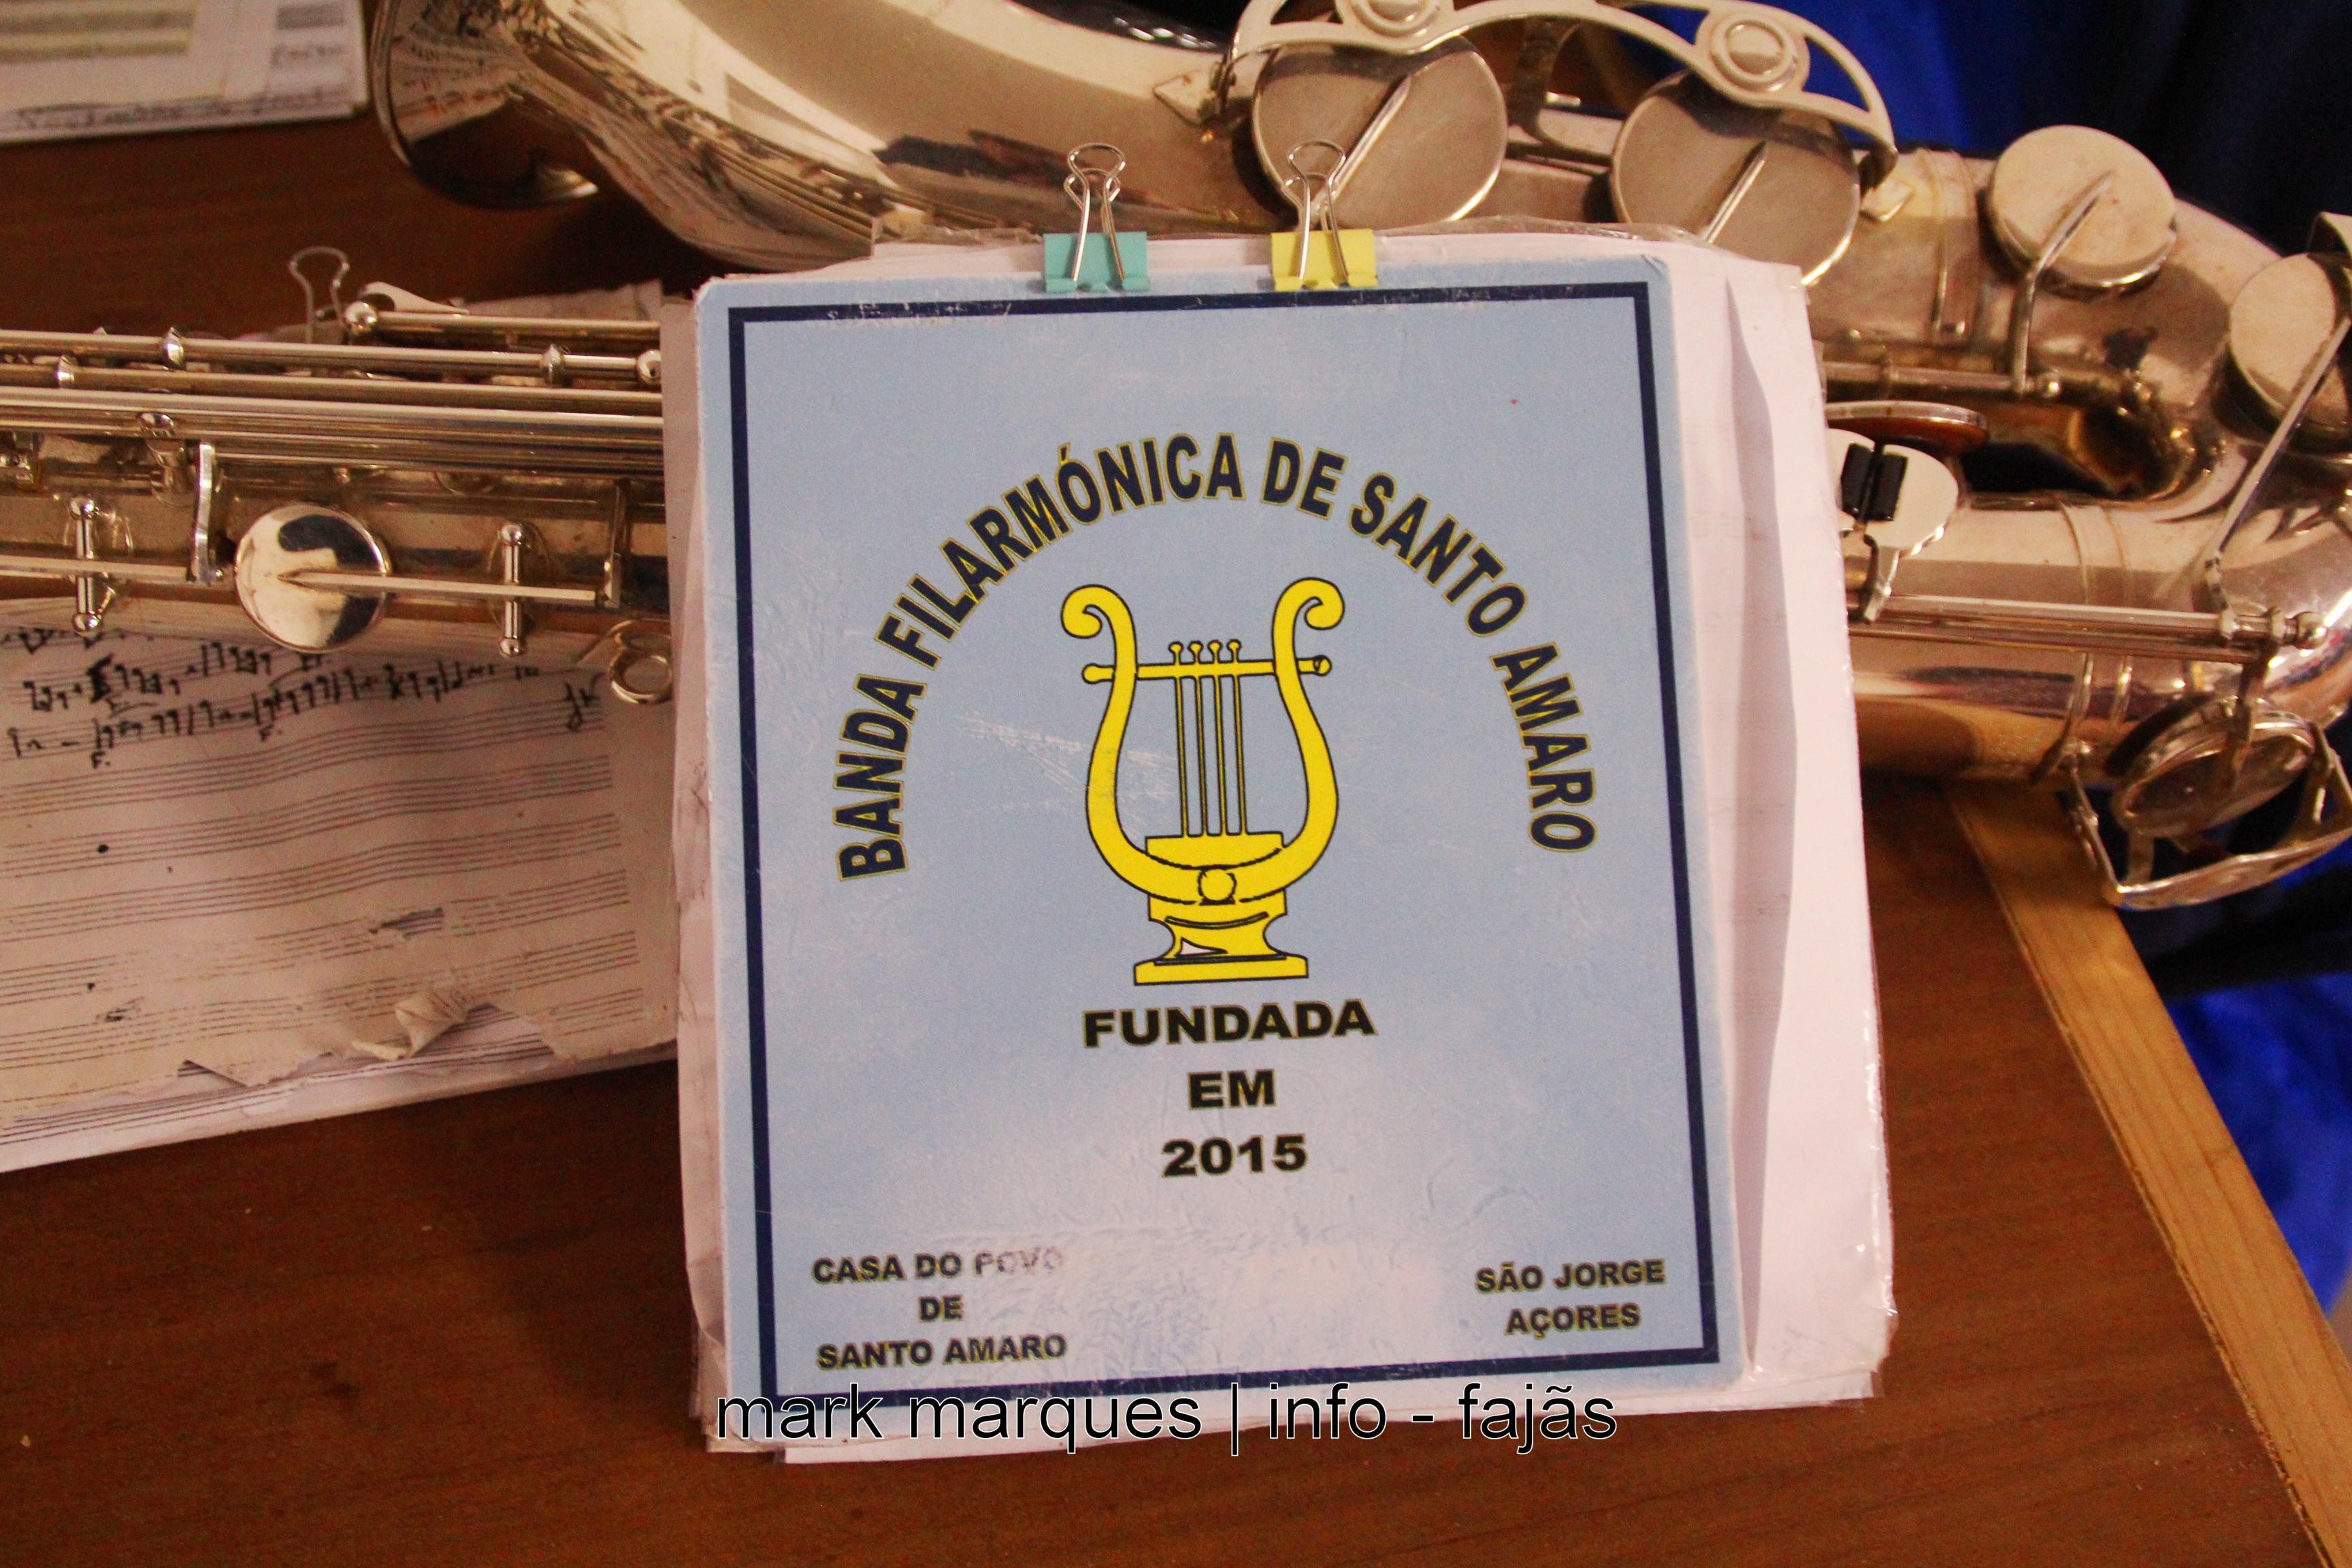 BANDA FILARMÓNICA DE SANTO AMARO CELEBRA ANIVERSÁRIO – Ilha de São Jorge (reportagem fotográfica)